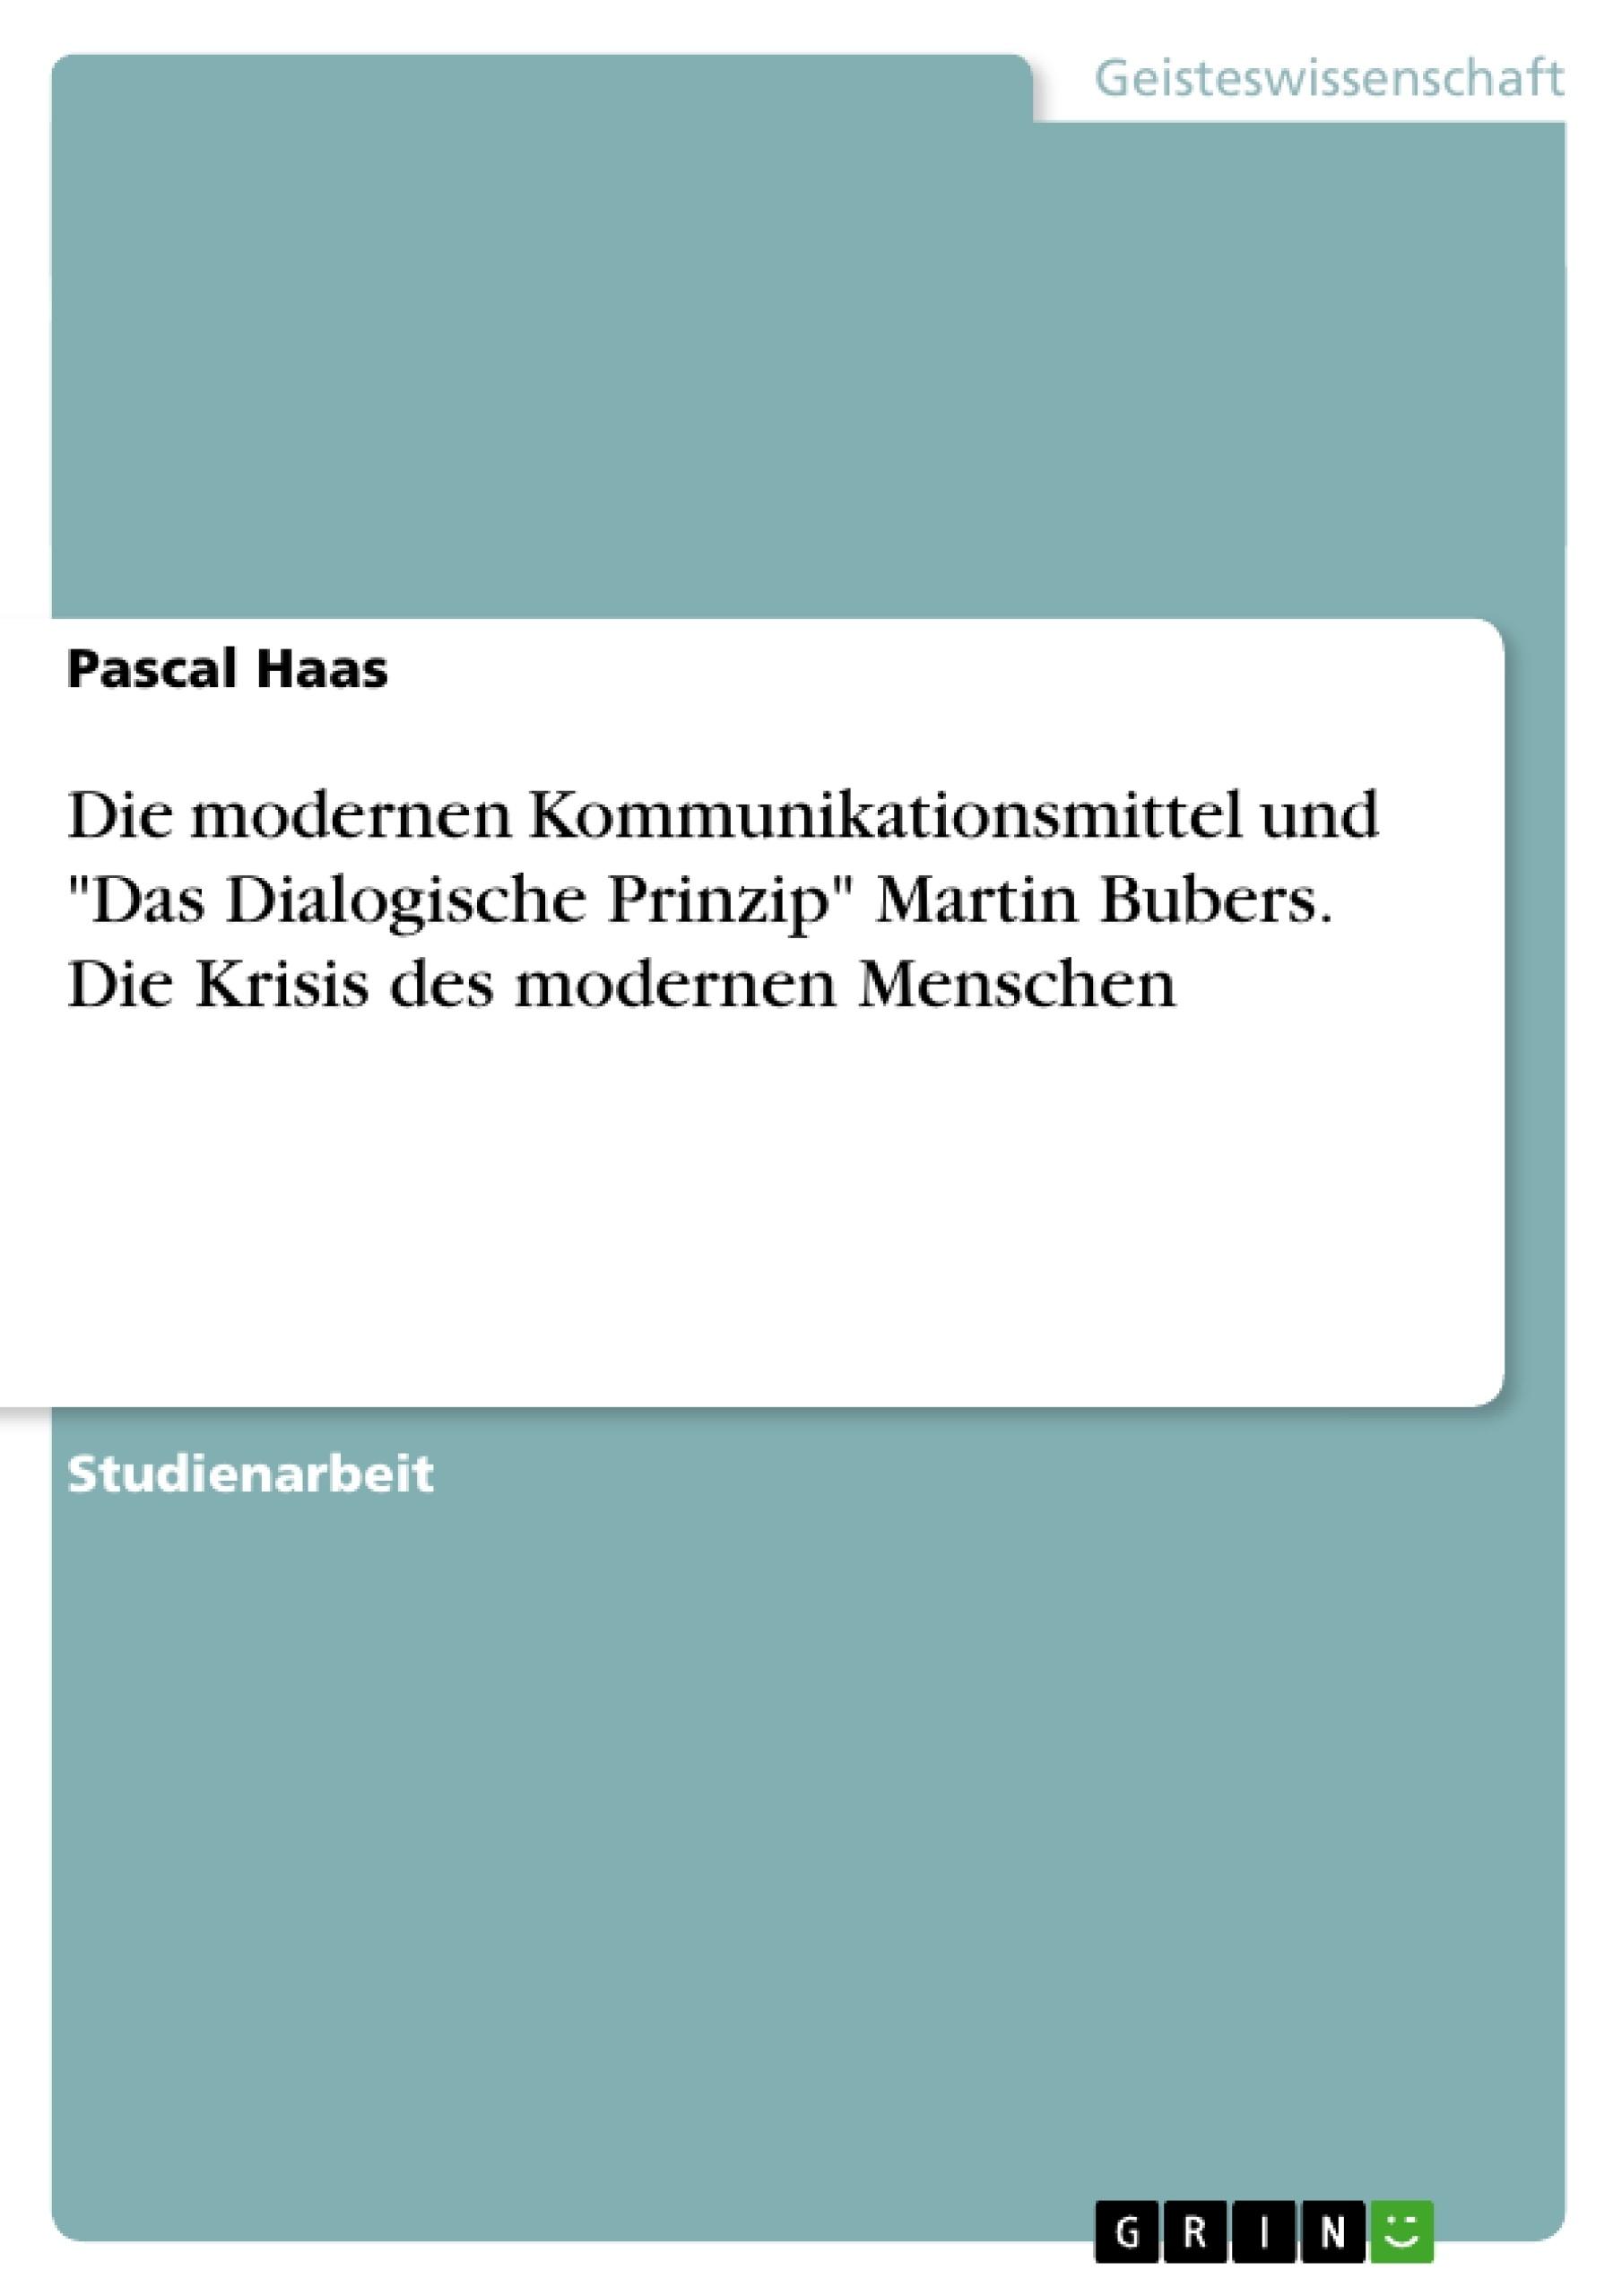 """Titel: Die modernen Kommunikationsmittel und """"Das Dialogische Prinzip"""" Martin Bubers. Die Krisis des modernen Menschen"""